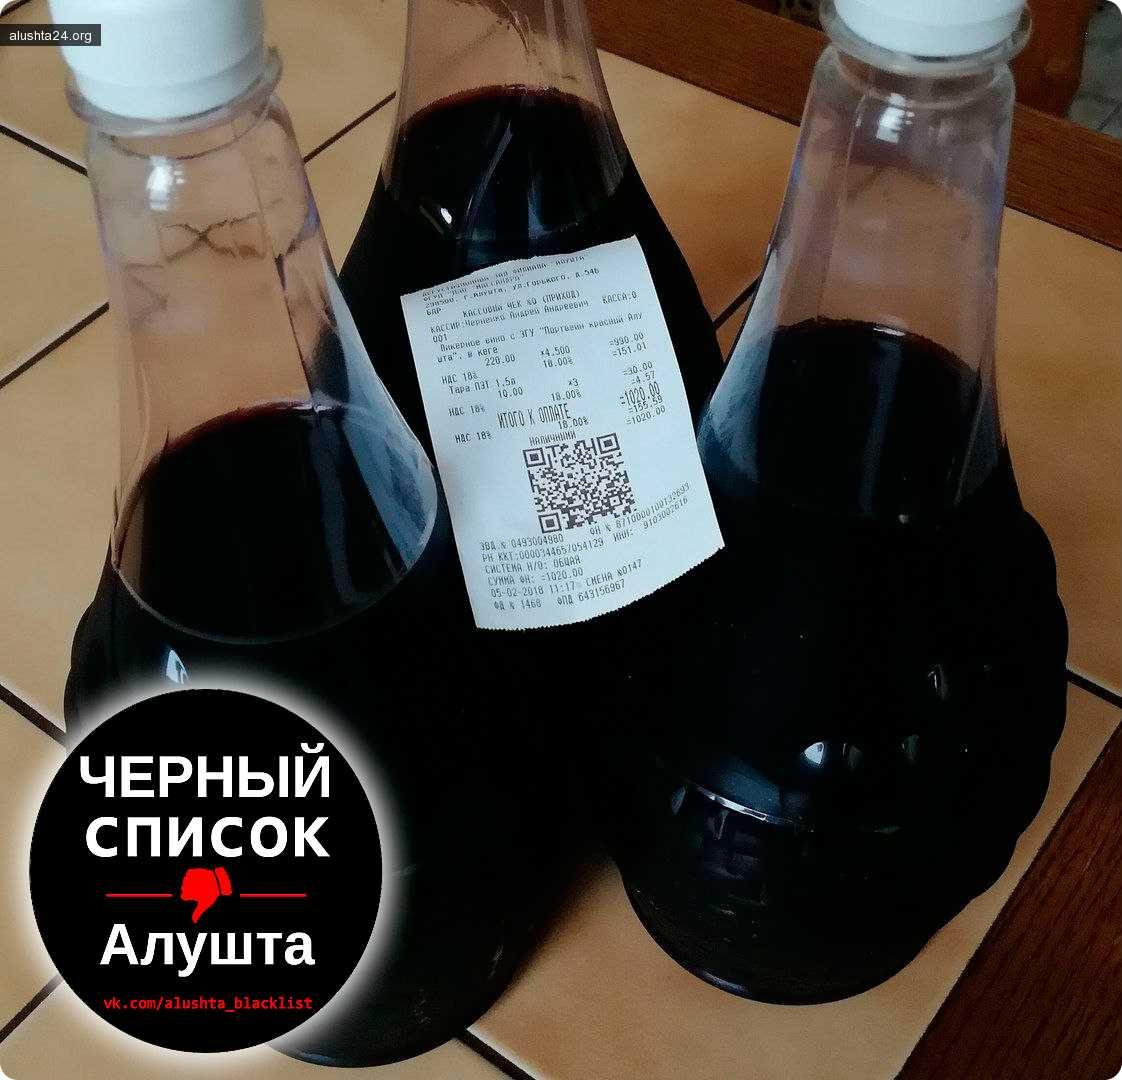 Все об Алуште: В фирменном магазине Массандры в Алуште продают испорченное вино